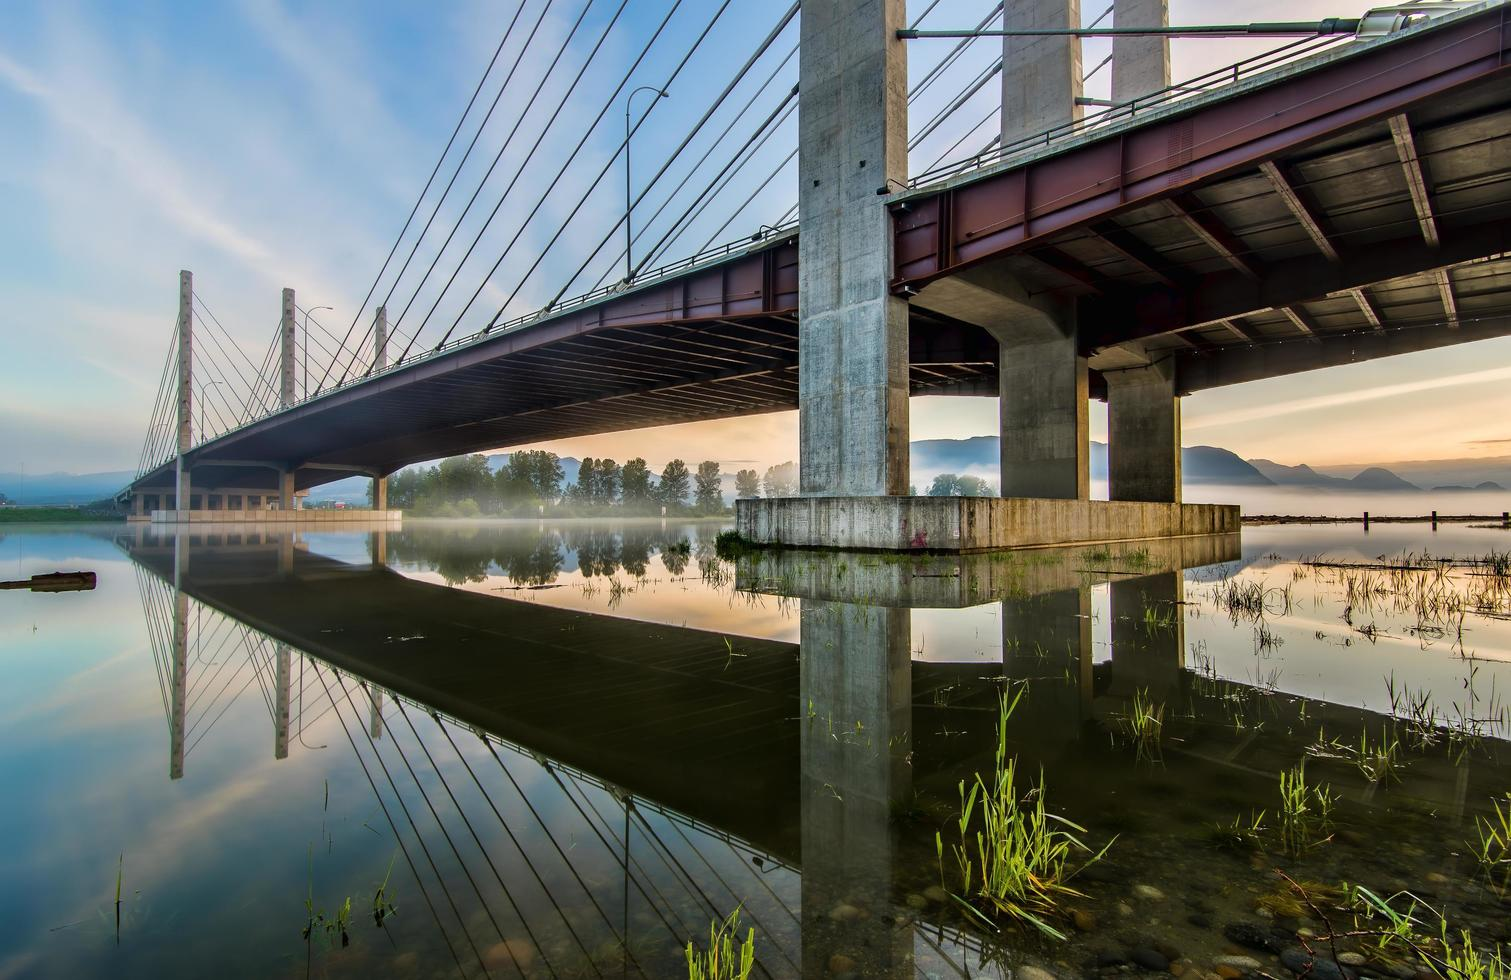 Pitt River Bridge in der Abenddämmerung foto